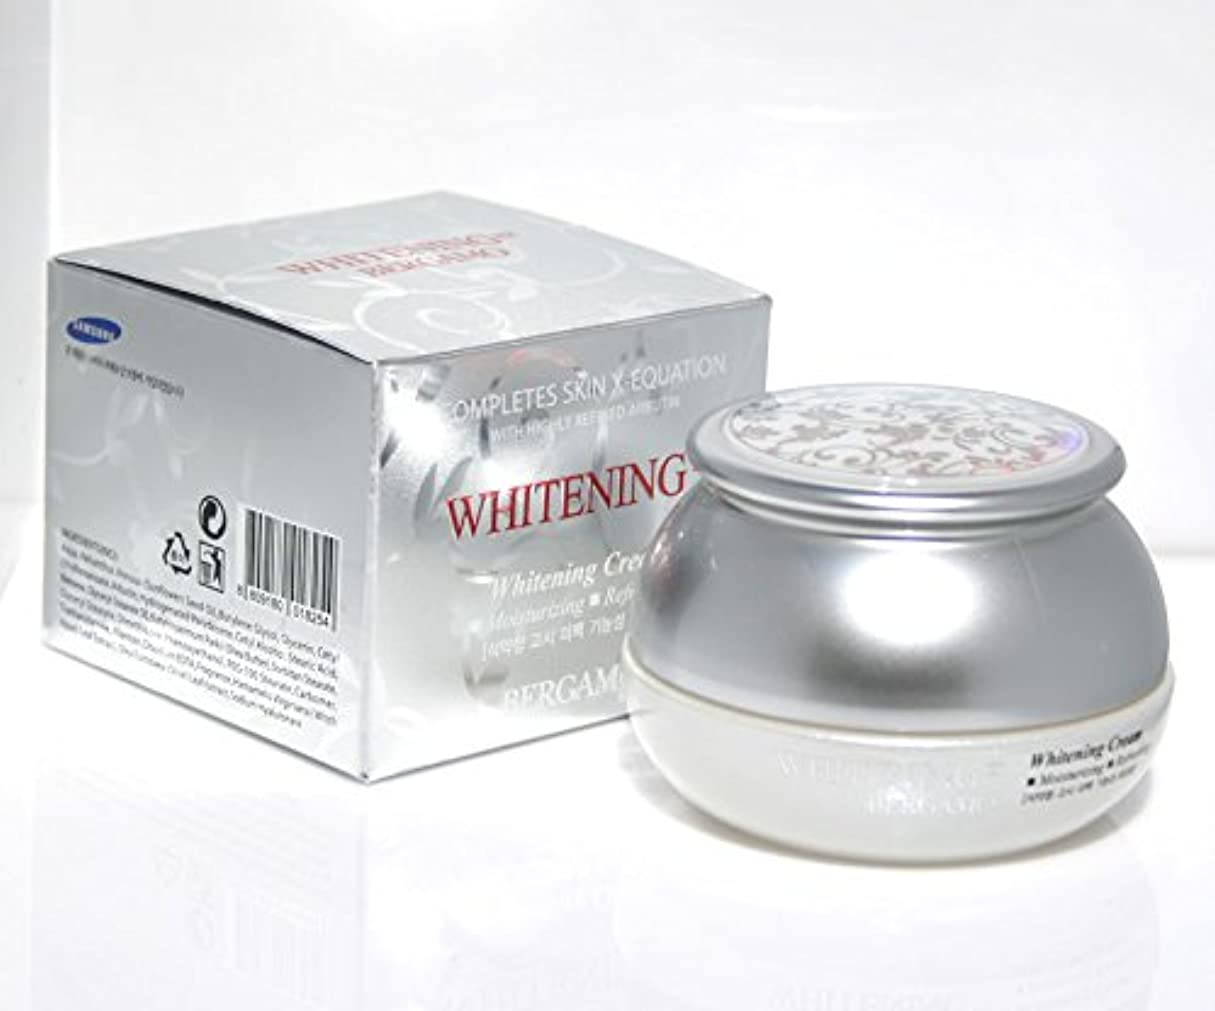 バイオリニスト概念ダム【ベルガモ][Bergamo]  は、高度に精製アルブチンホワイトニング例クリーム50g /  Completes Skin X-equation with Highly Refined Albutin Whitening...